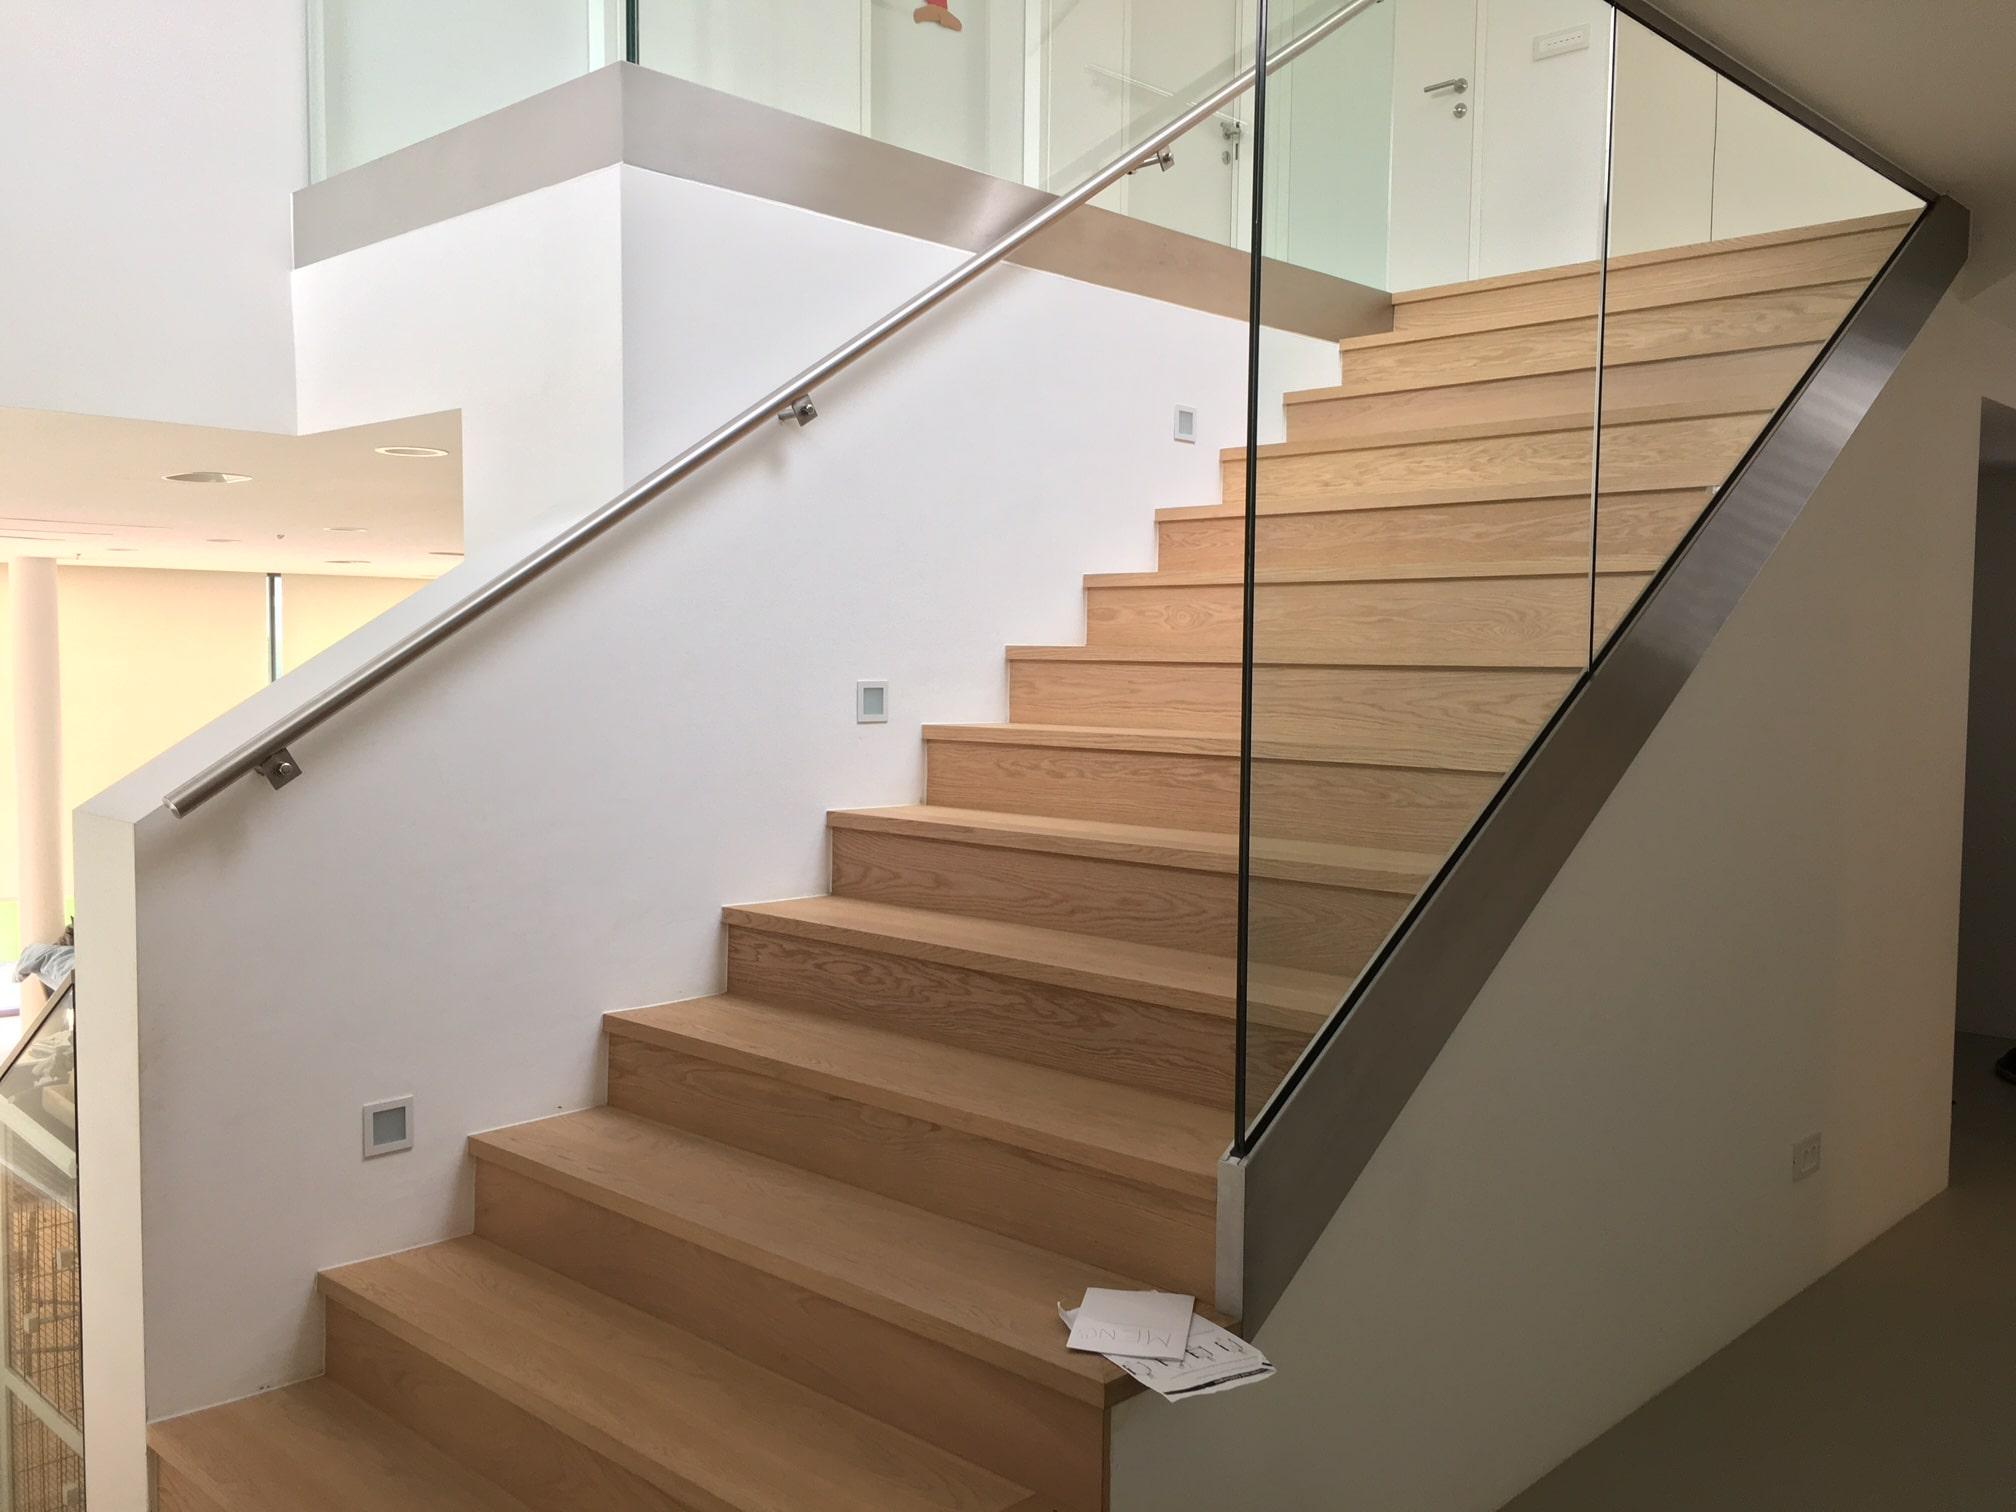 Treppe von Kager Bau umgesetzt: Zeit für Ihren eigenen Neubau